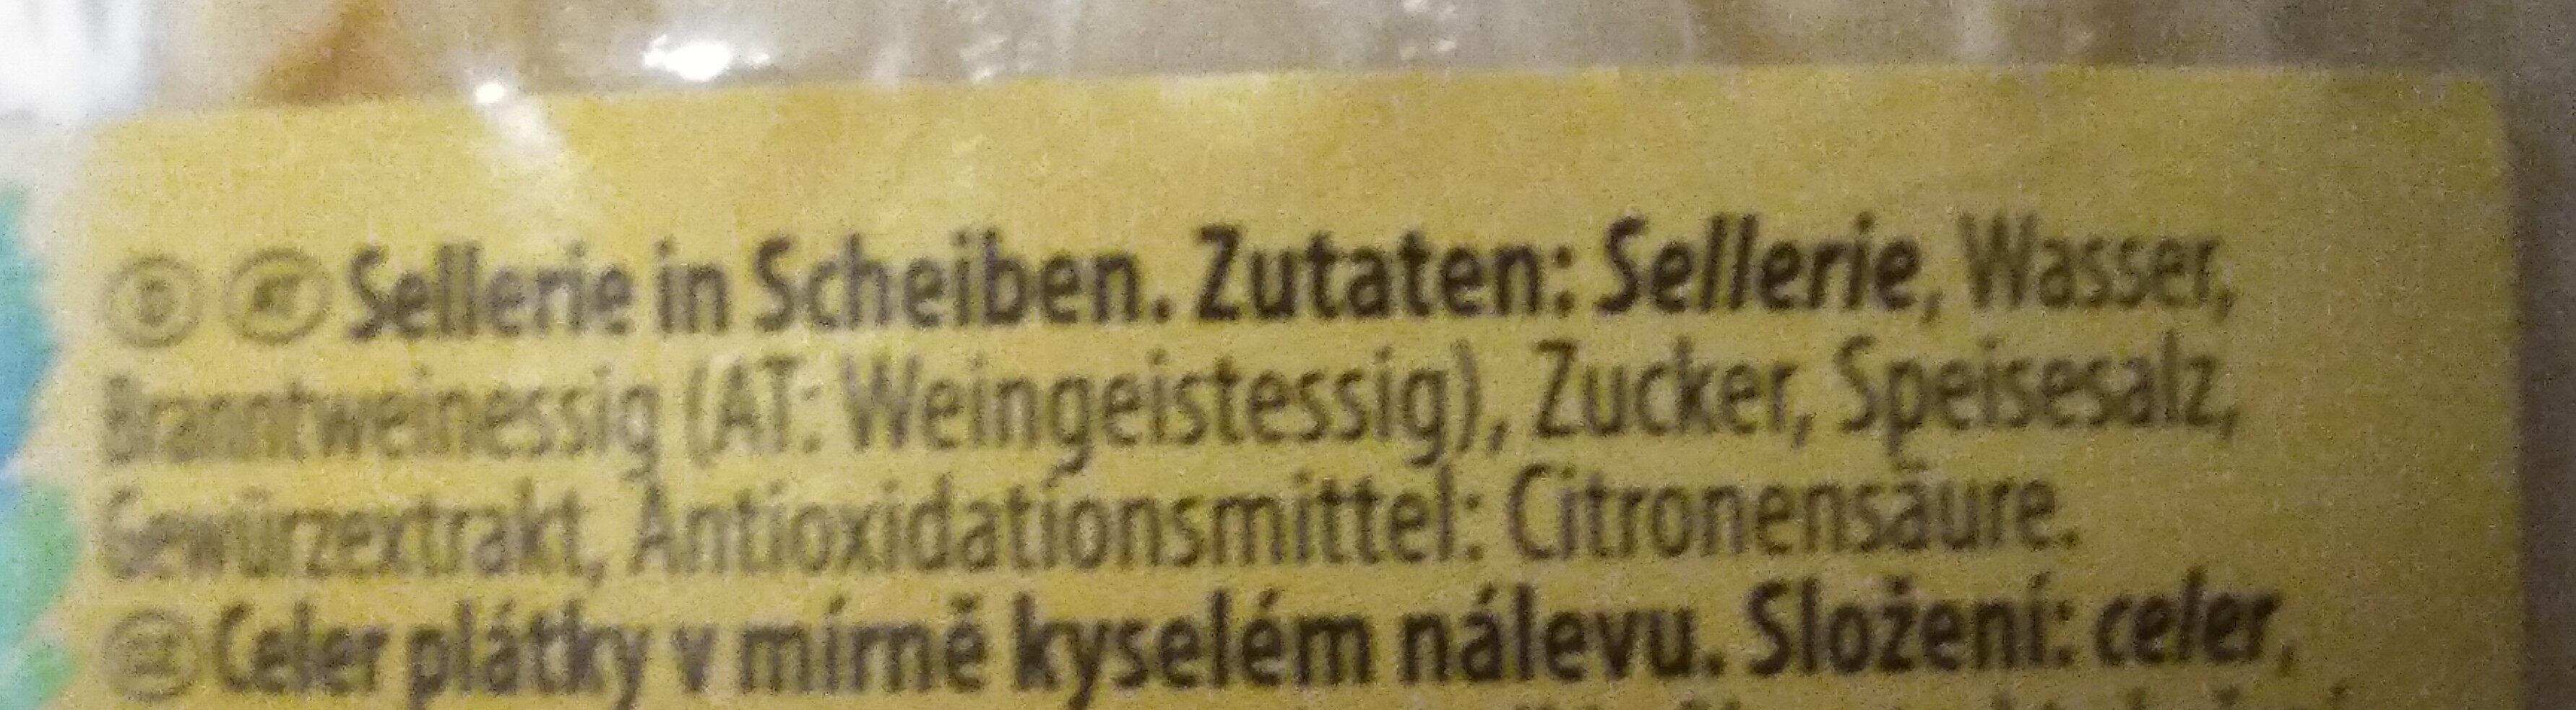 Sellerie in Scheiben (leicht sauer) - Ingrédients